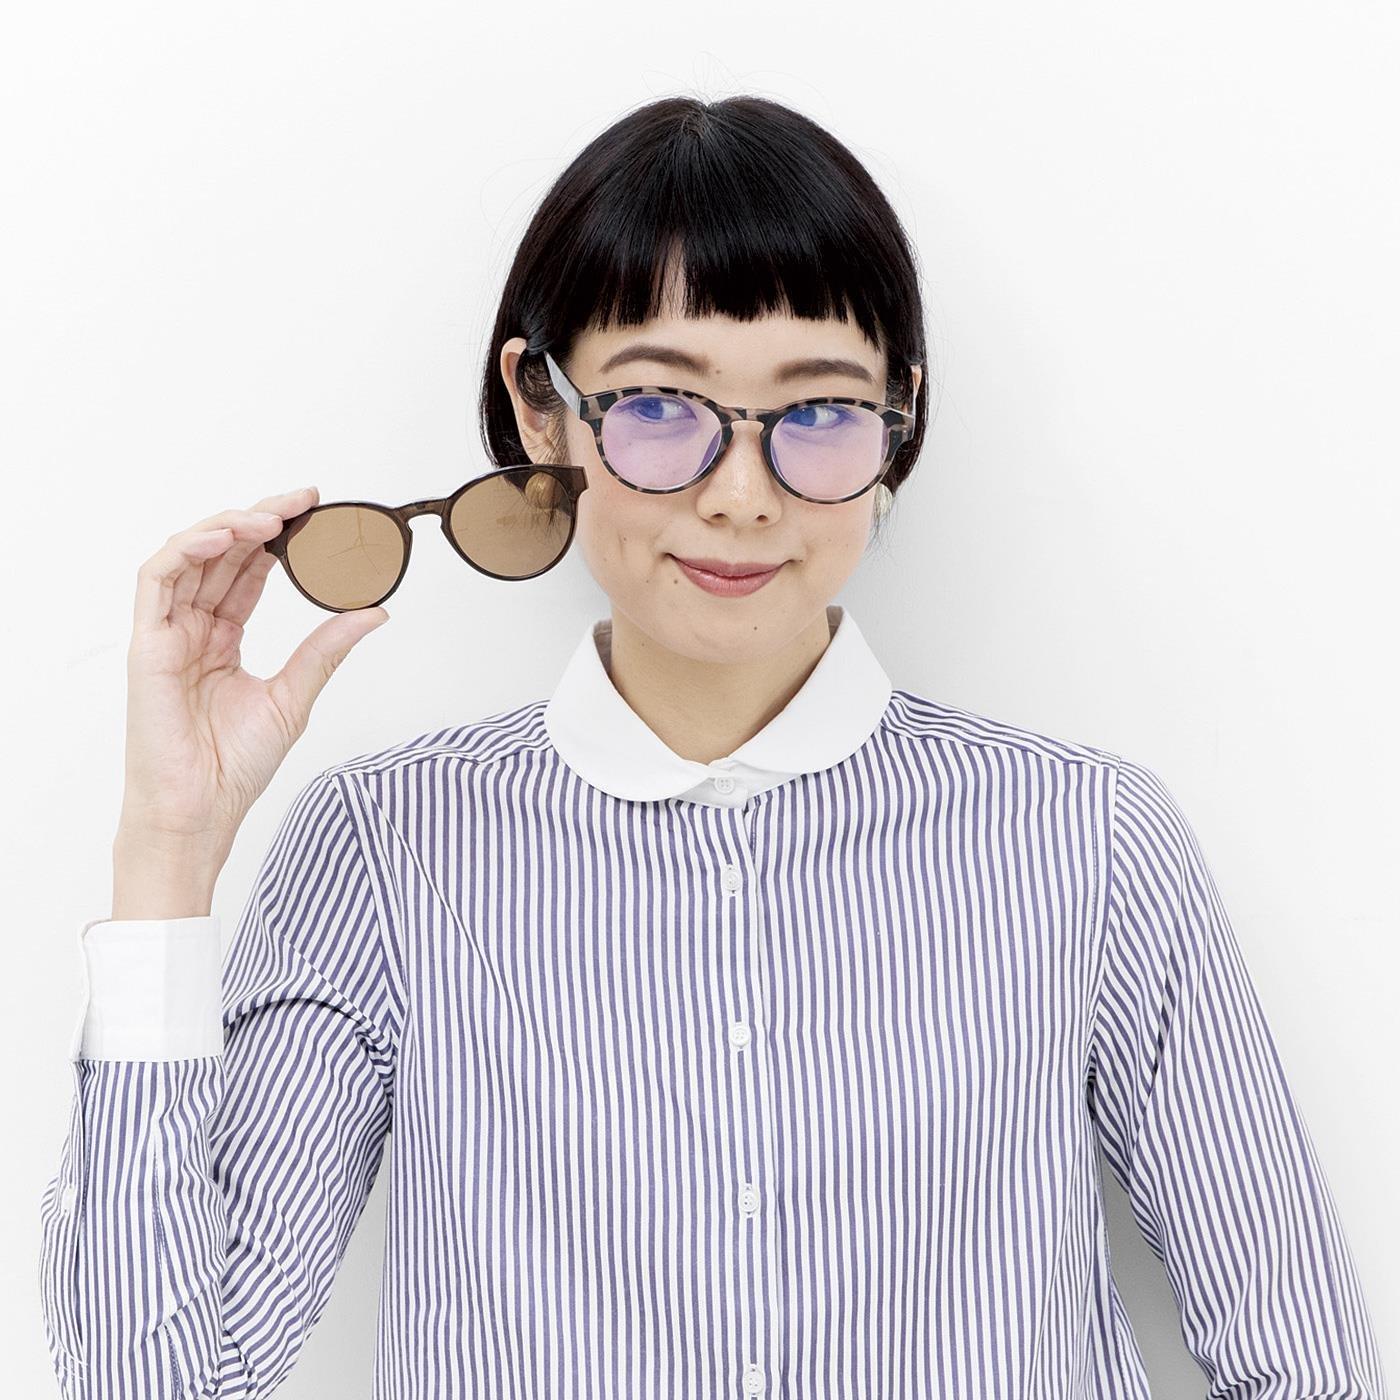 ギラつきおさえる偏光レンズを簡単着脱 UV&ブルーライトカットグラス